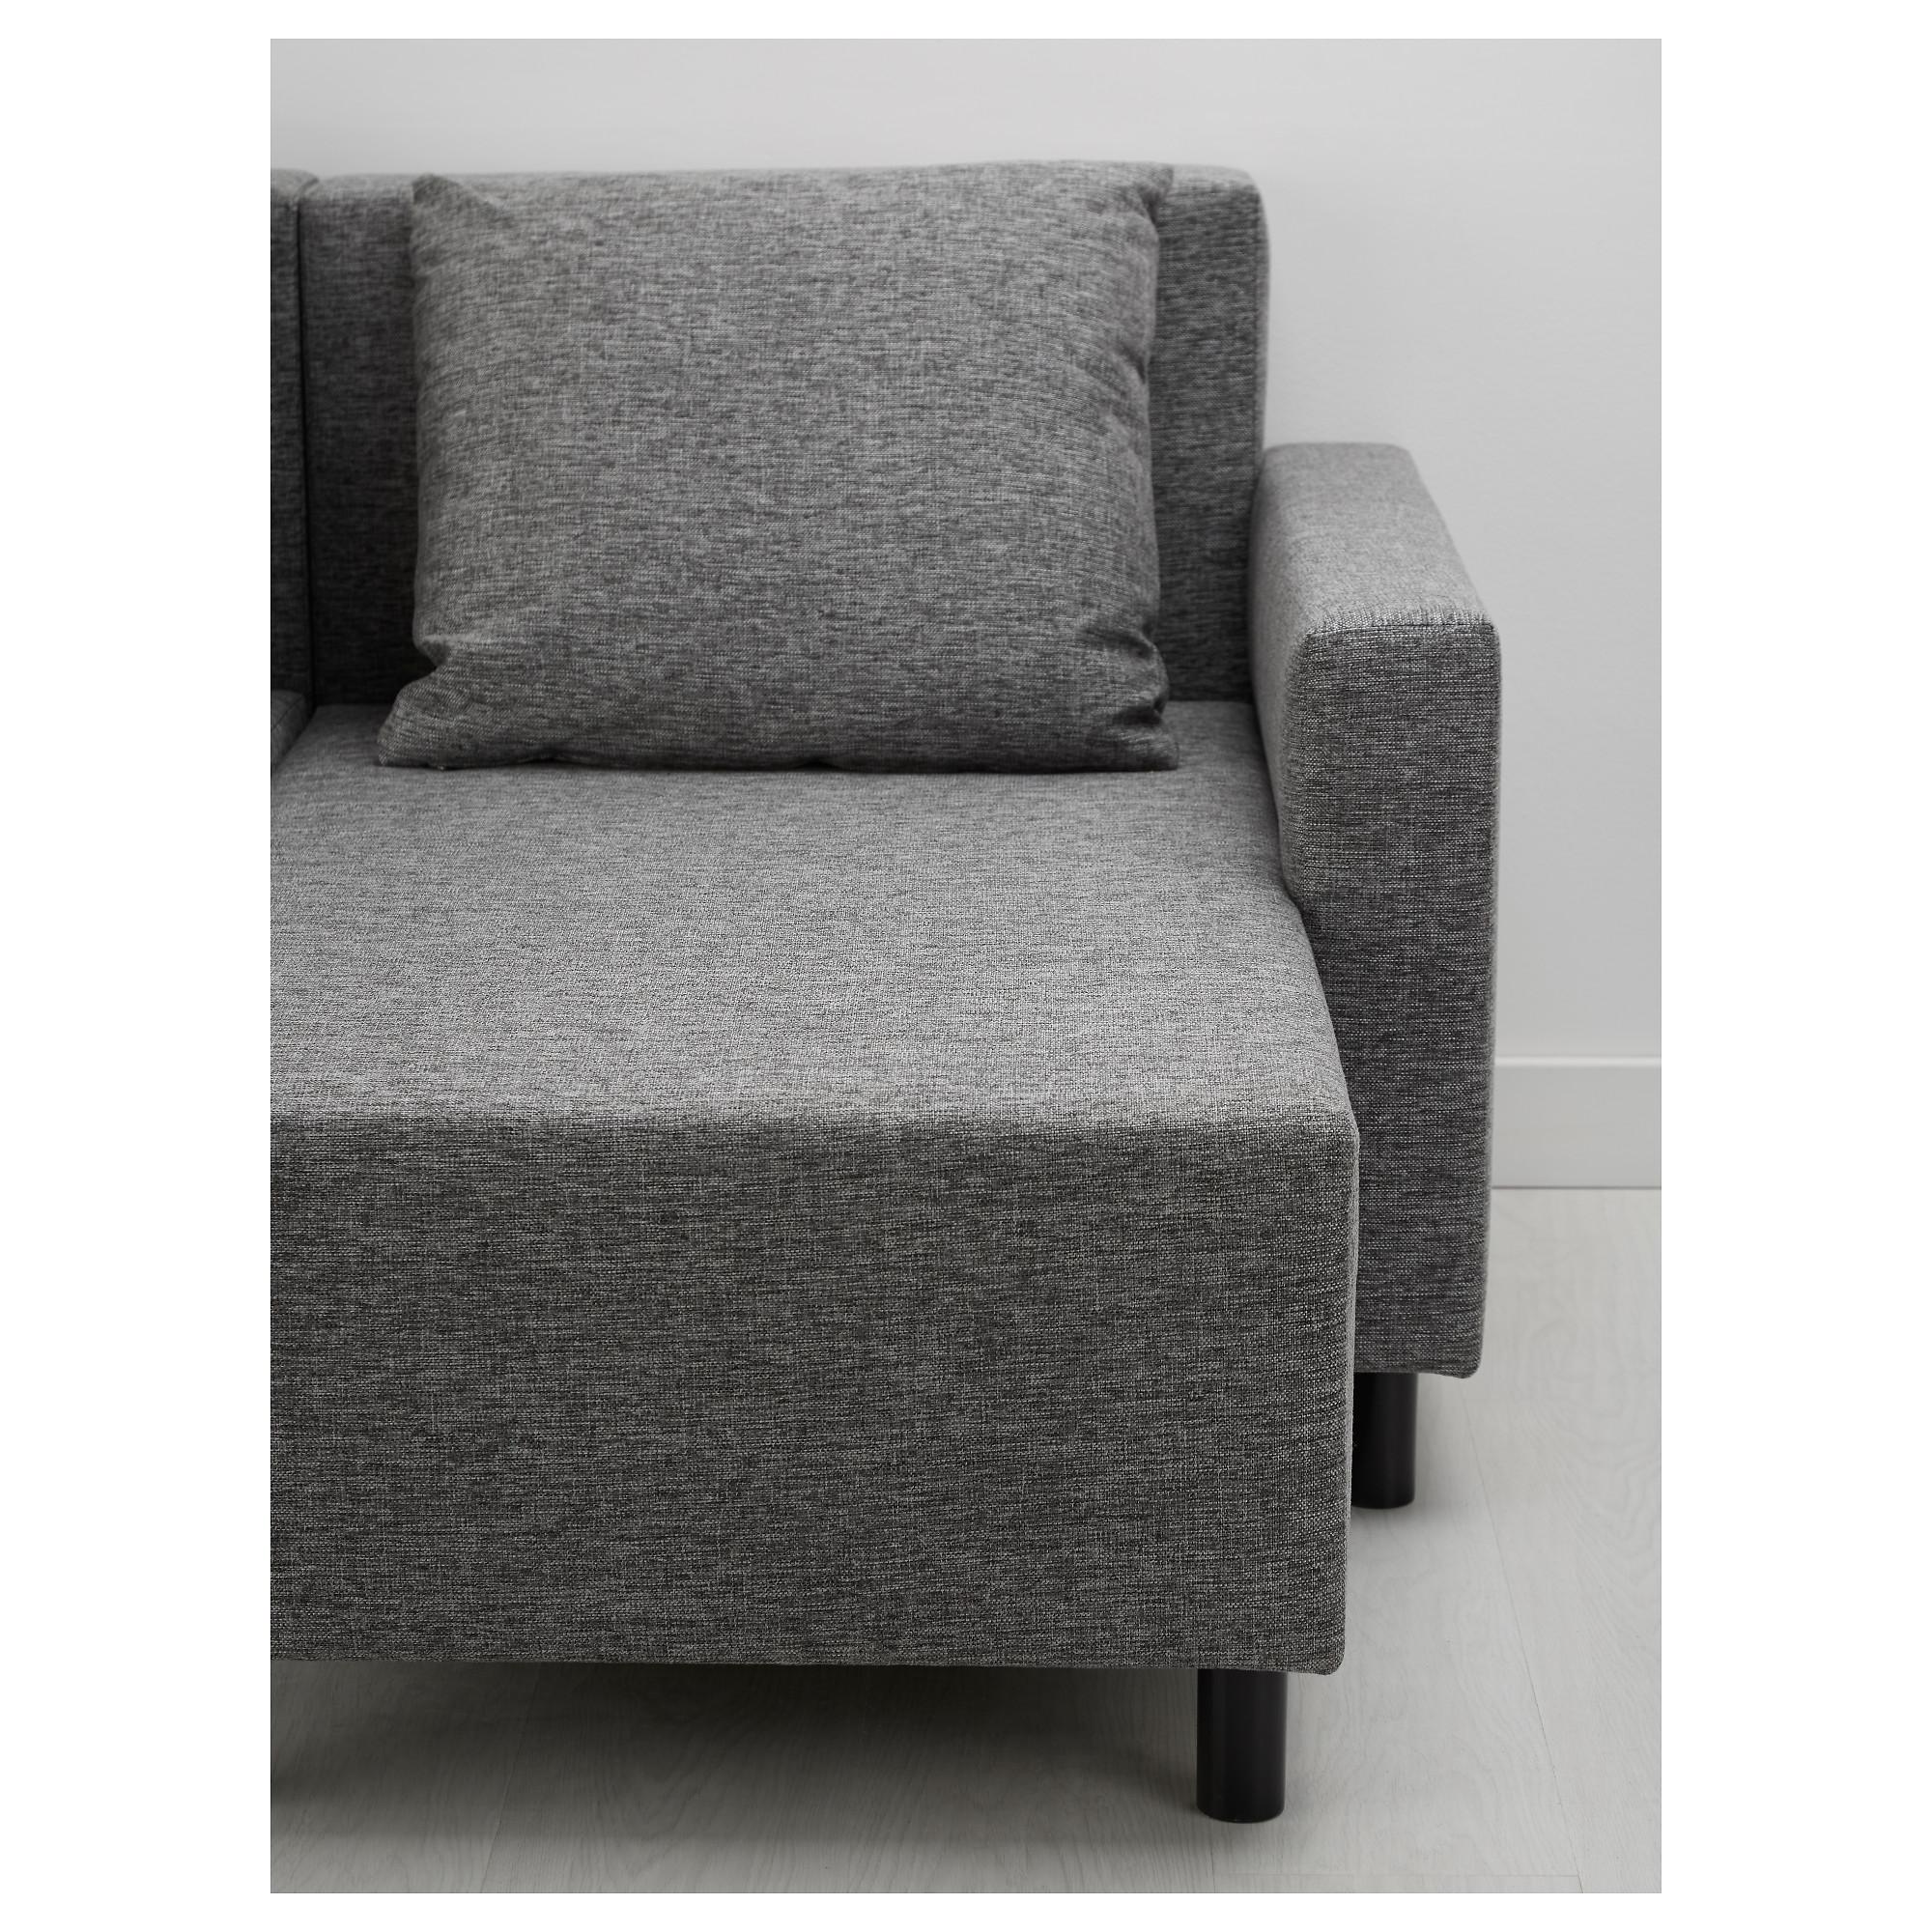 Диван-кровать с козеткой ЛУГНВИК серый черный артикуль № 503.450.47 в  наличии 3f8386367cd